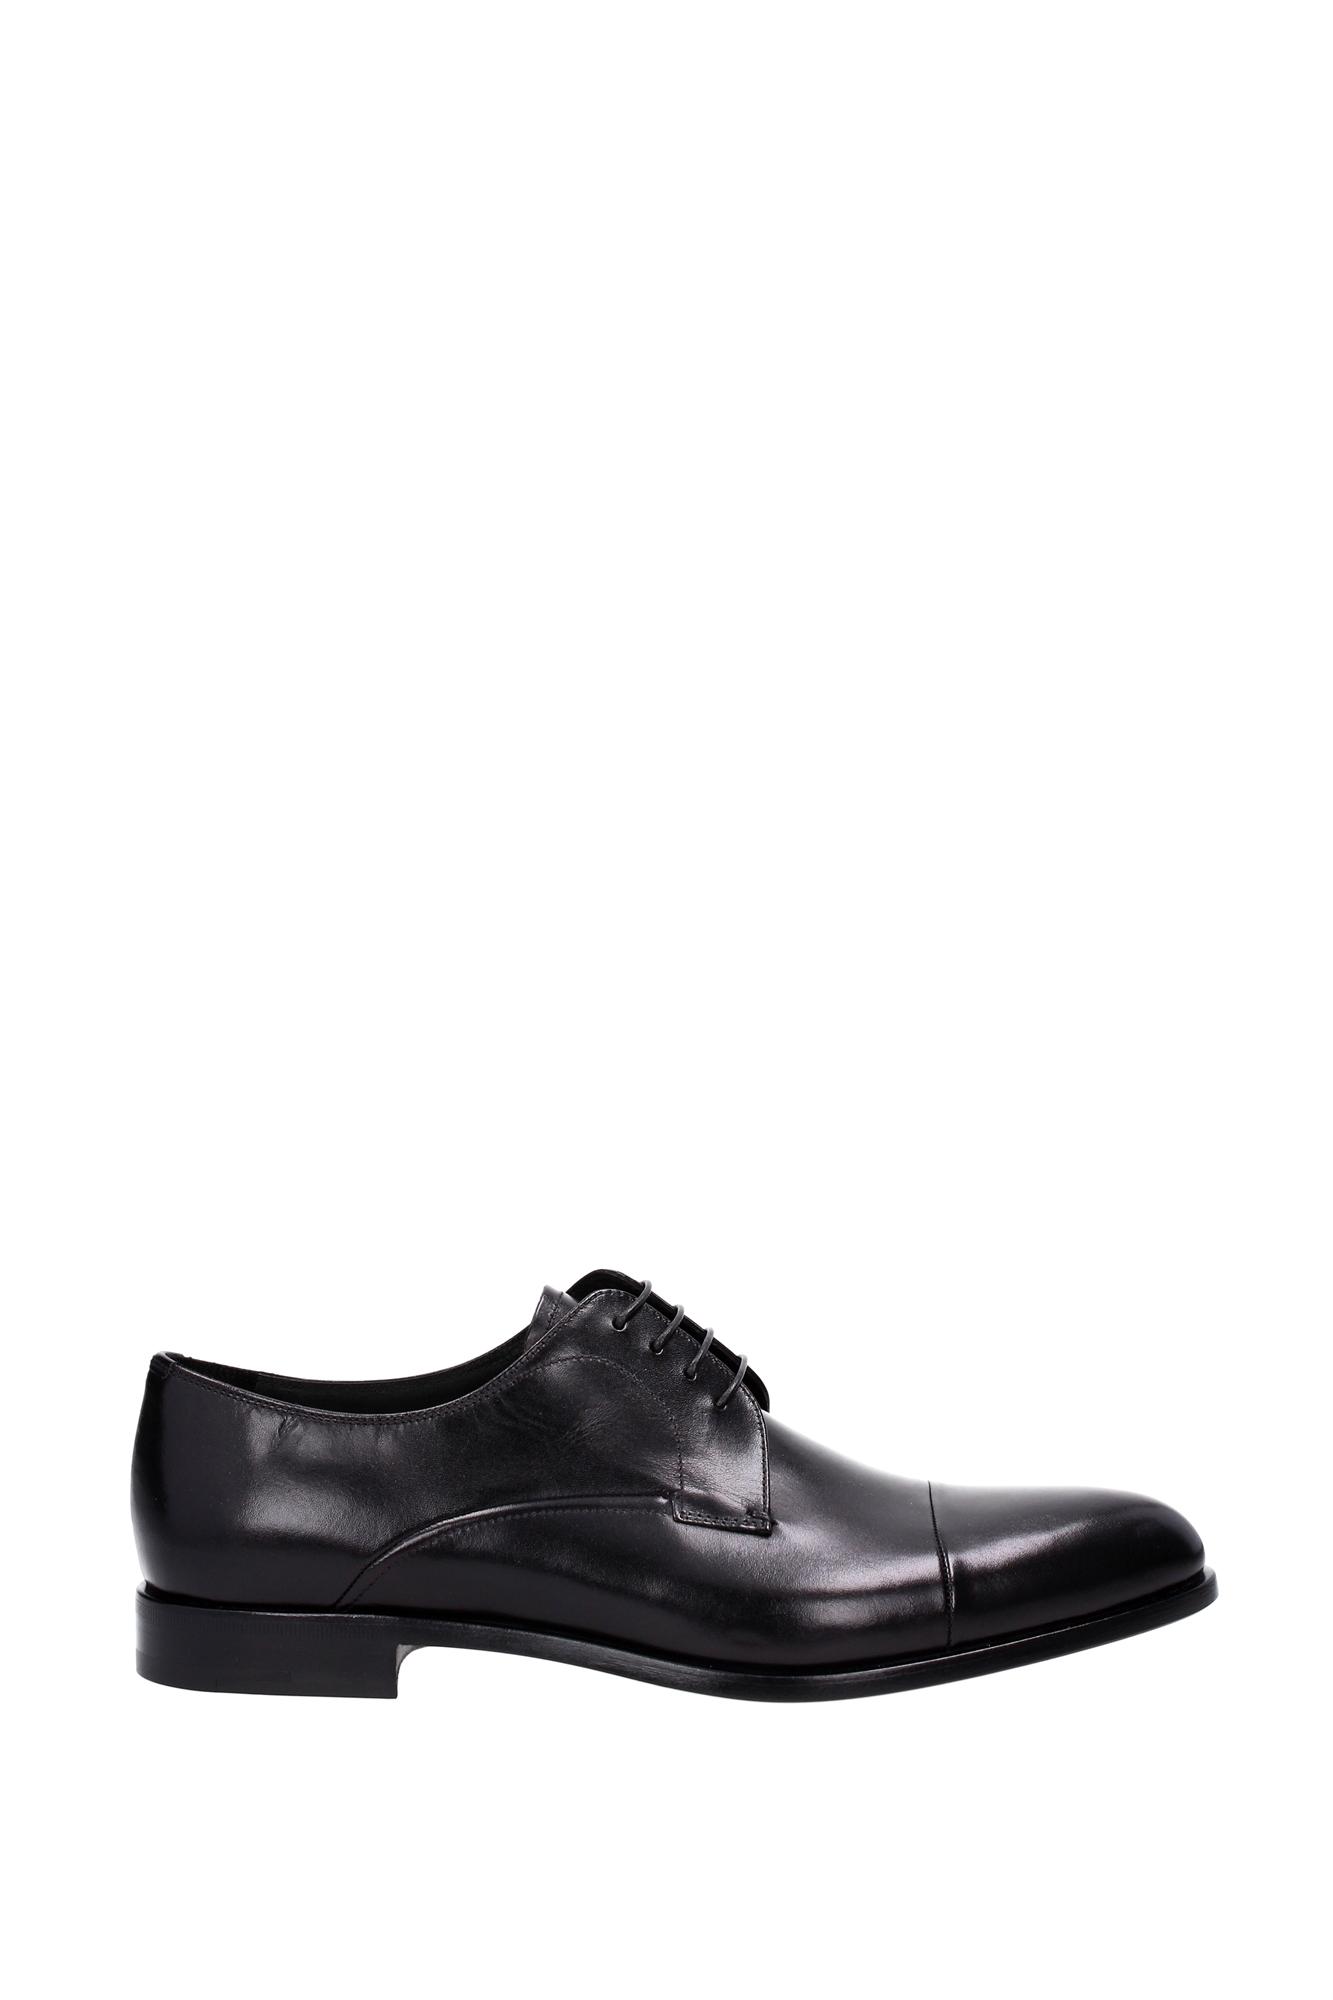 lace up shoes prada leather black 2ea100nero ebay